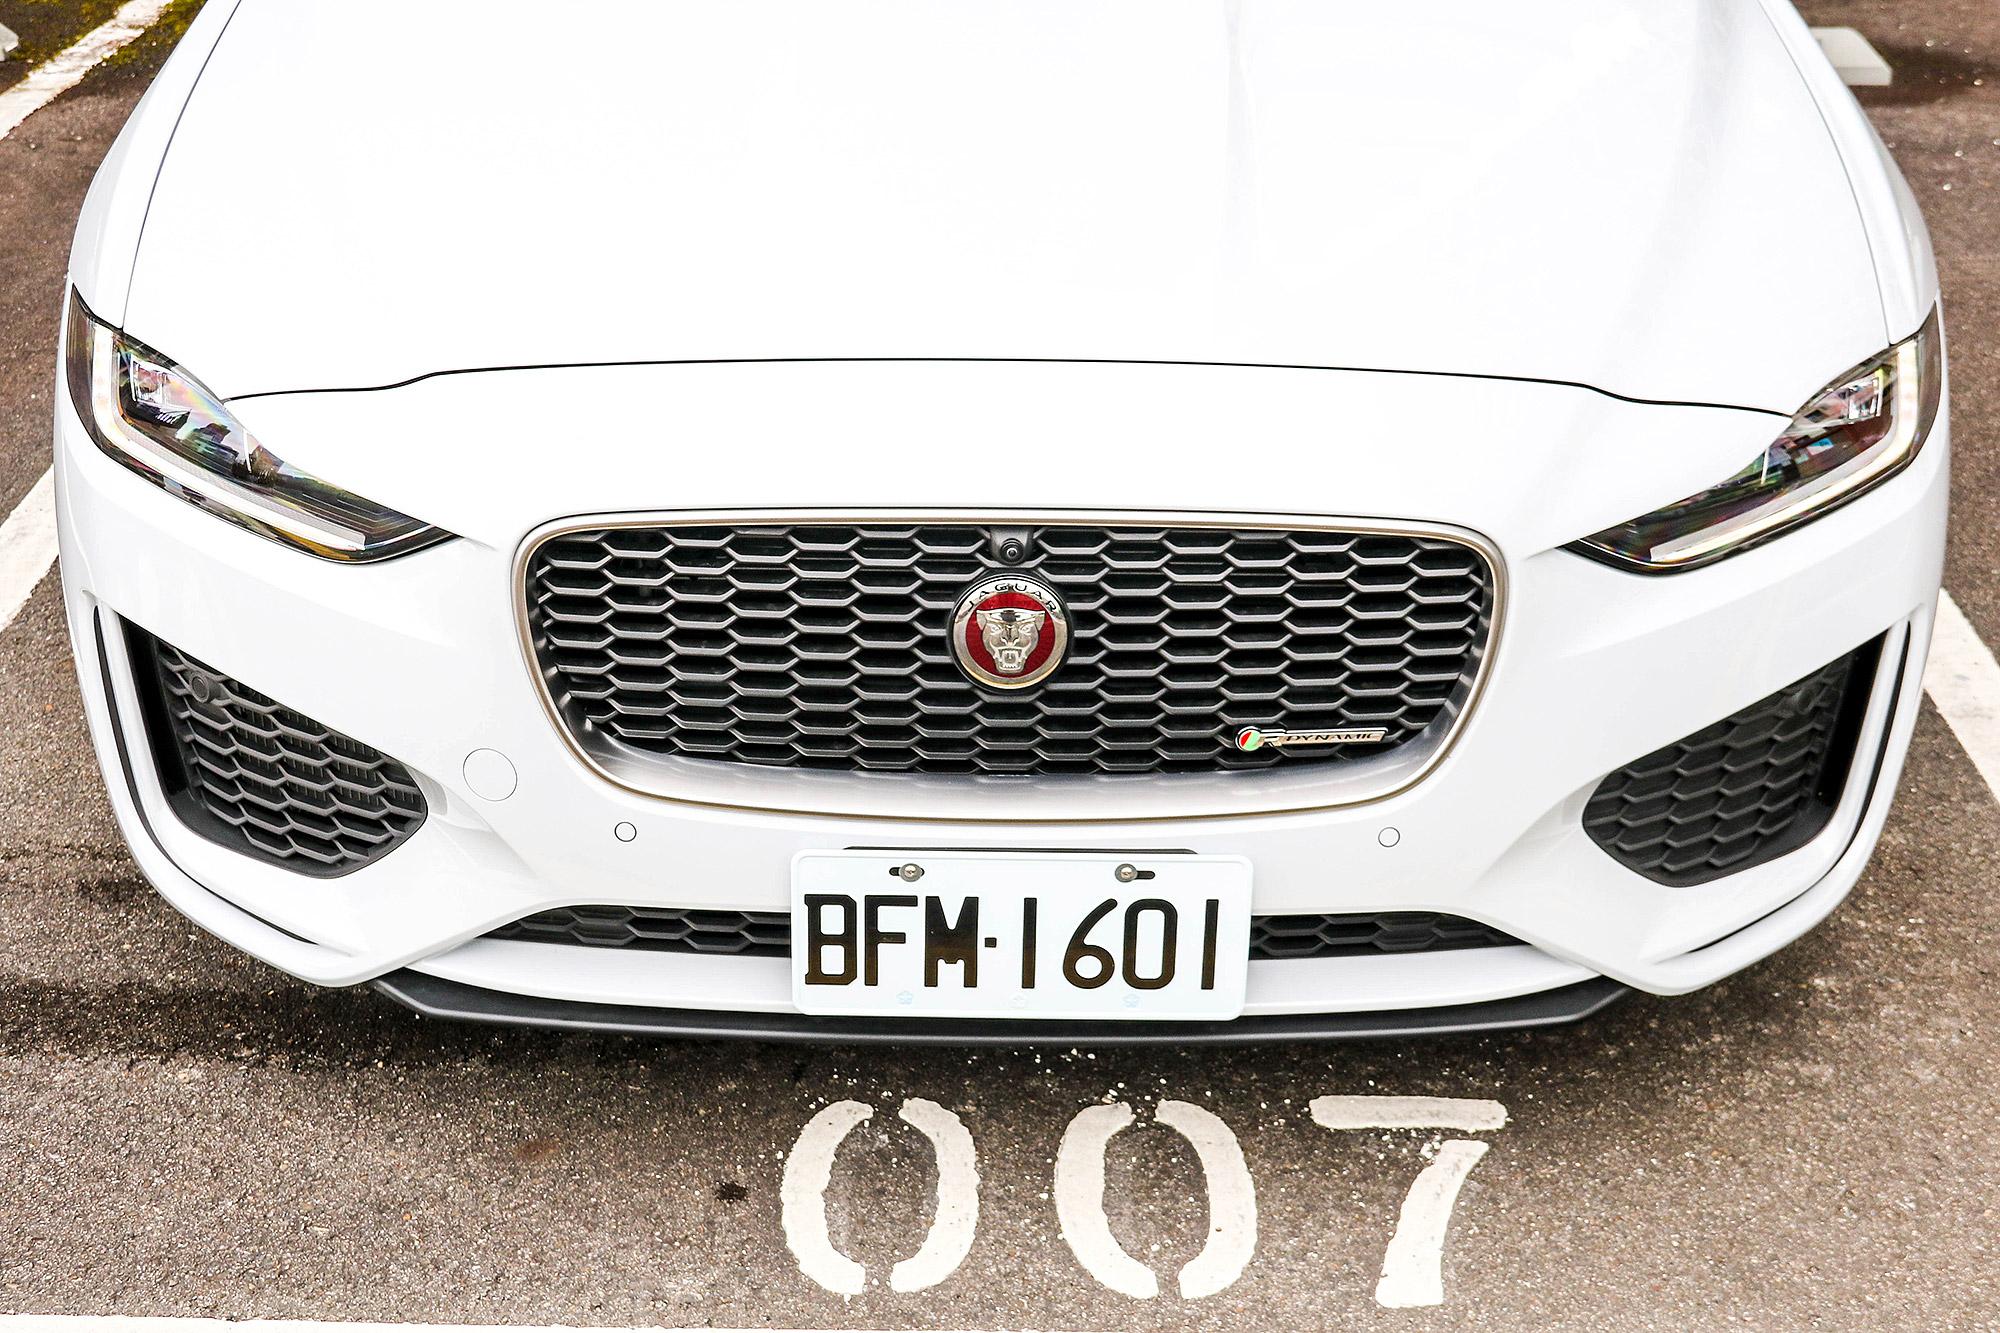 身為英倫豪華品牌的 Jaguar ,近年來以跑車化的元素,作為家族的核心精神。